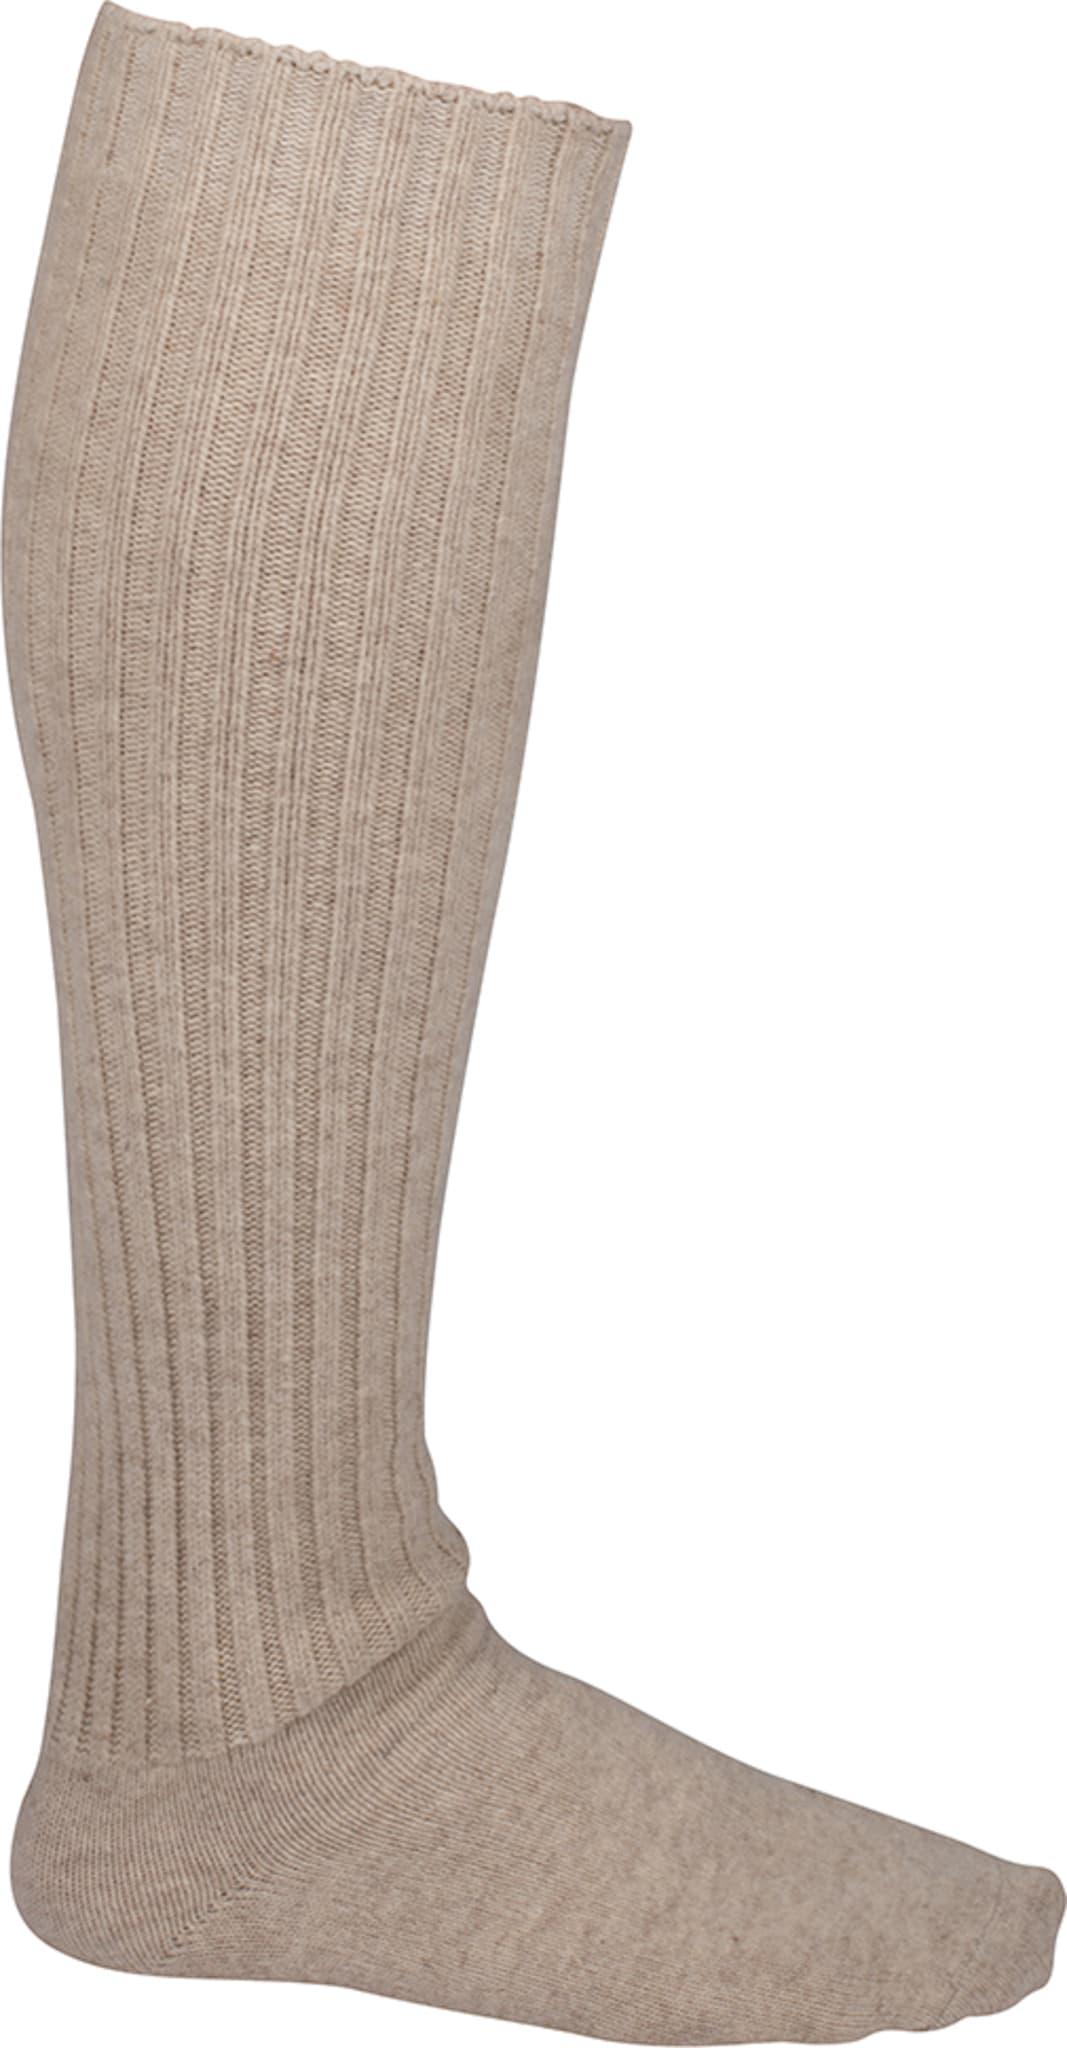 06dfc98c Ingen nikkers er komplett uten passende sokker!